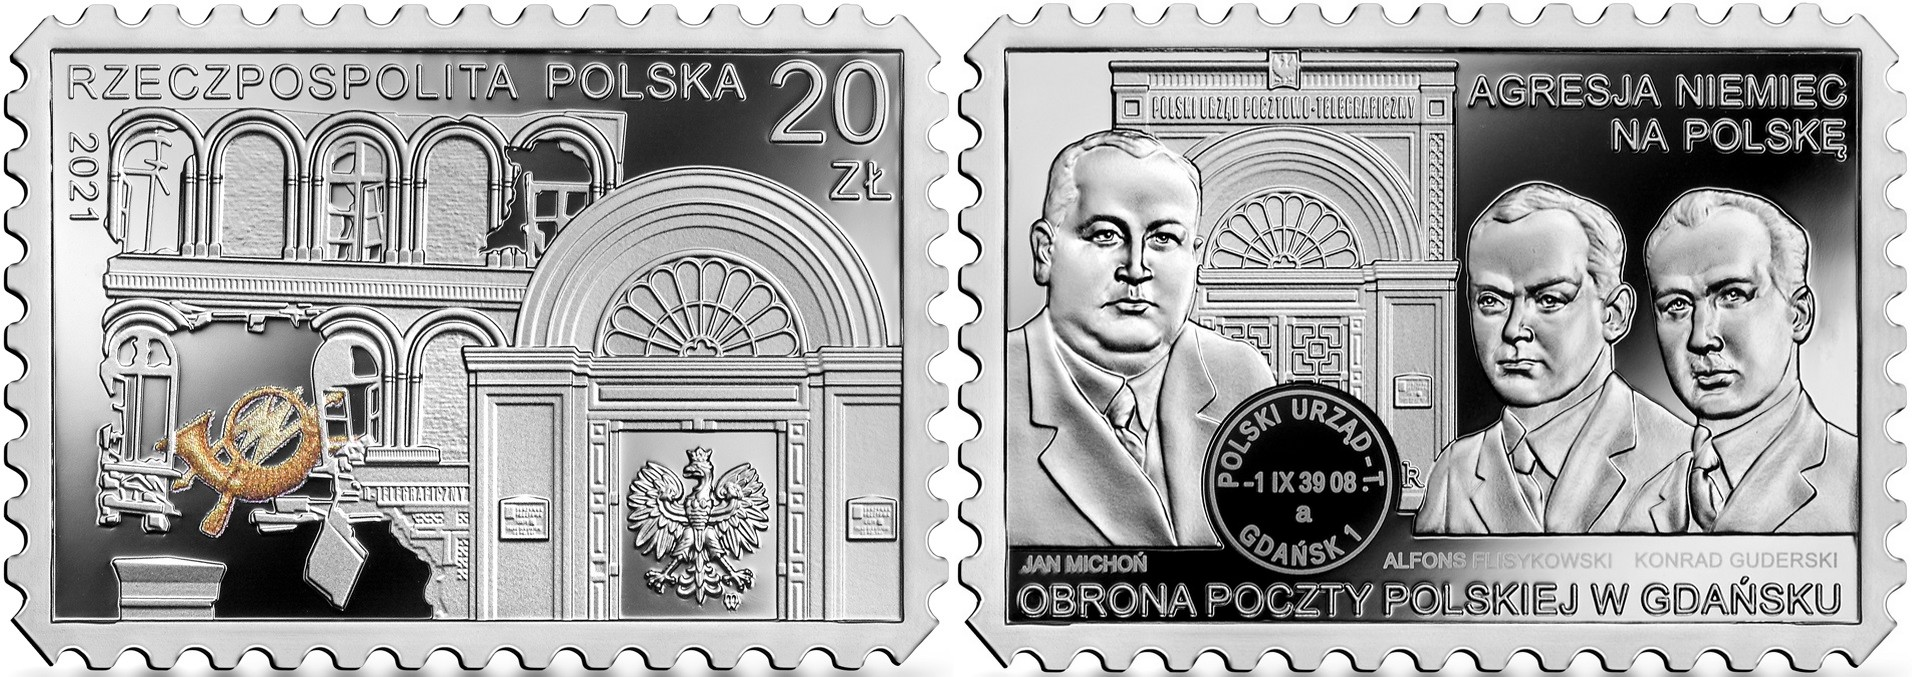 pologne-2021-defense-de-la-poste-polonaise-a-gdansk